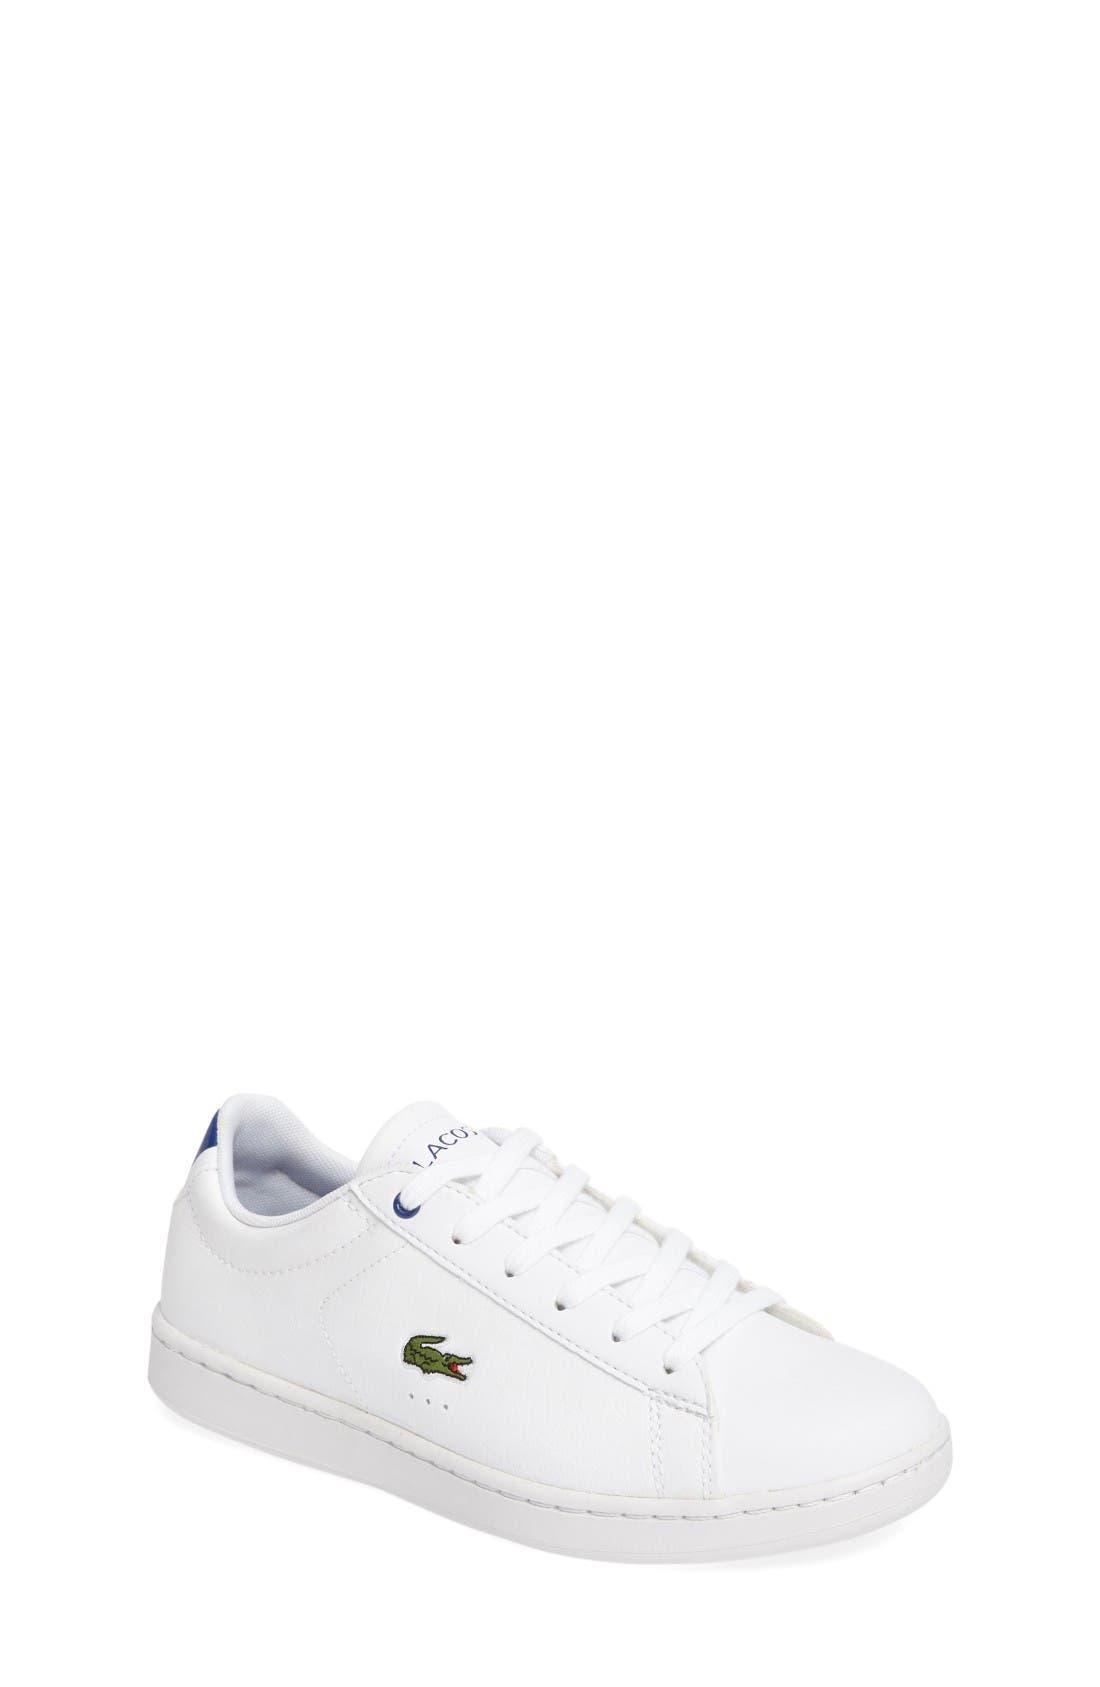 Lacoste Carnaby EVO Sneaker (Little Kid & Bid Kid)